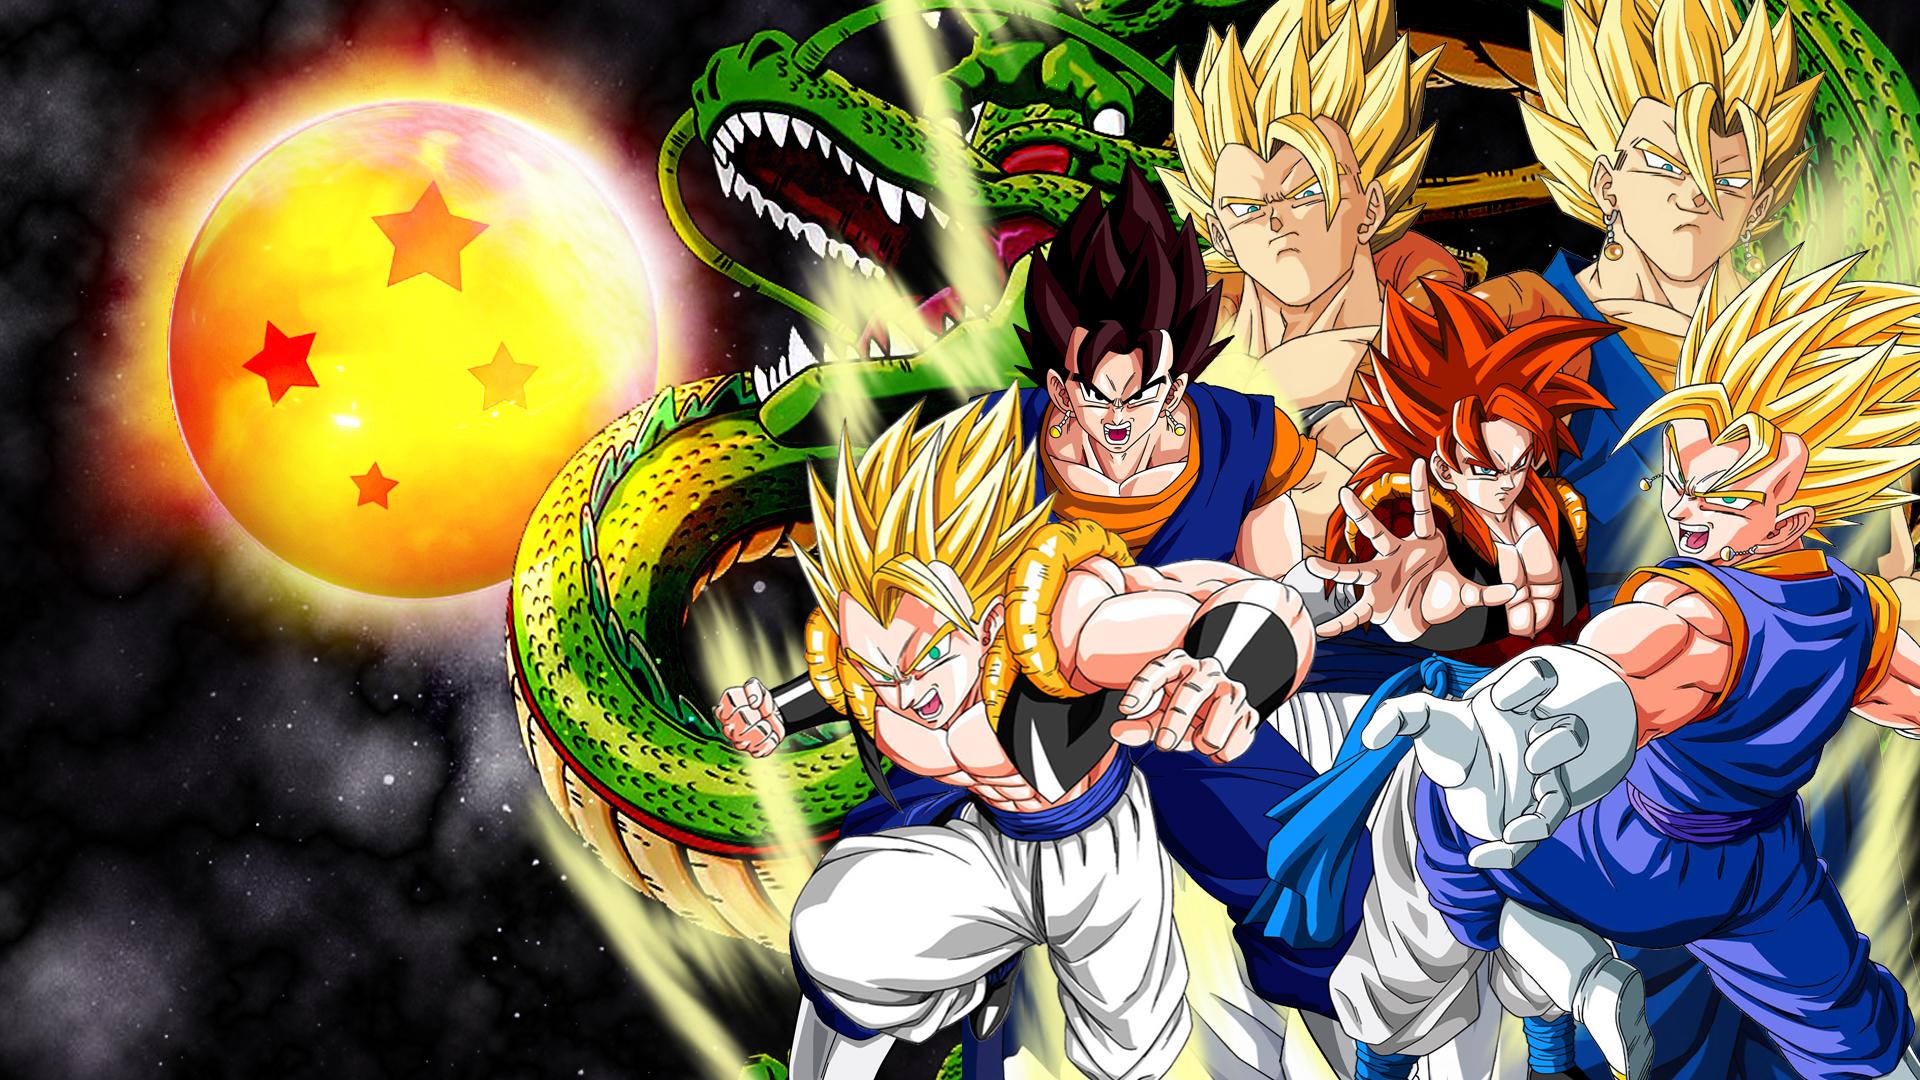 Dragon Ball Z wallpaper 17